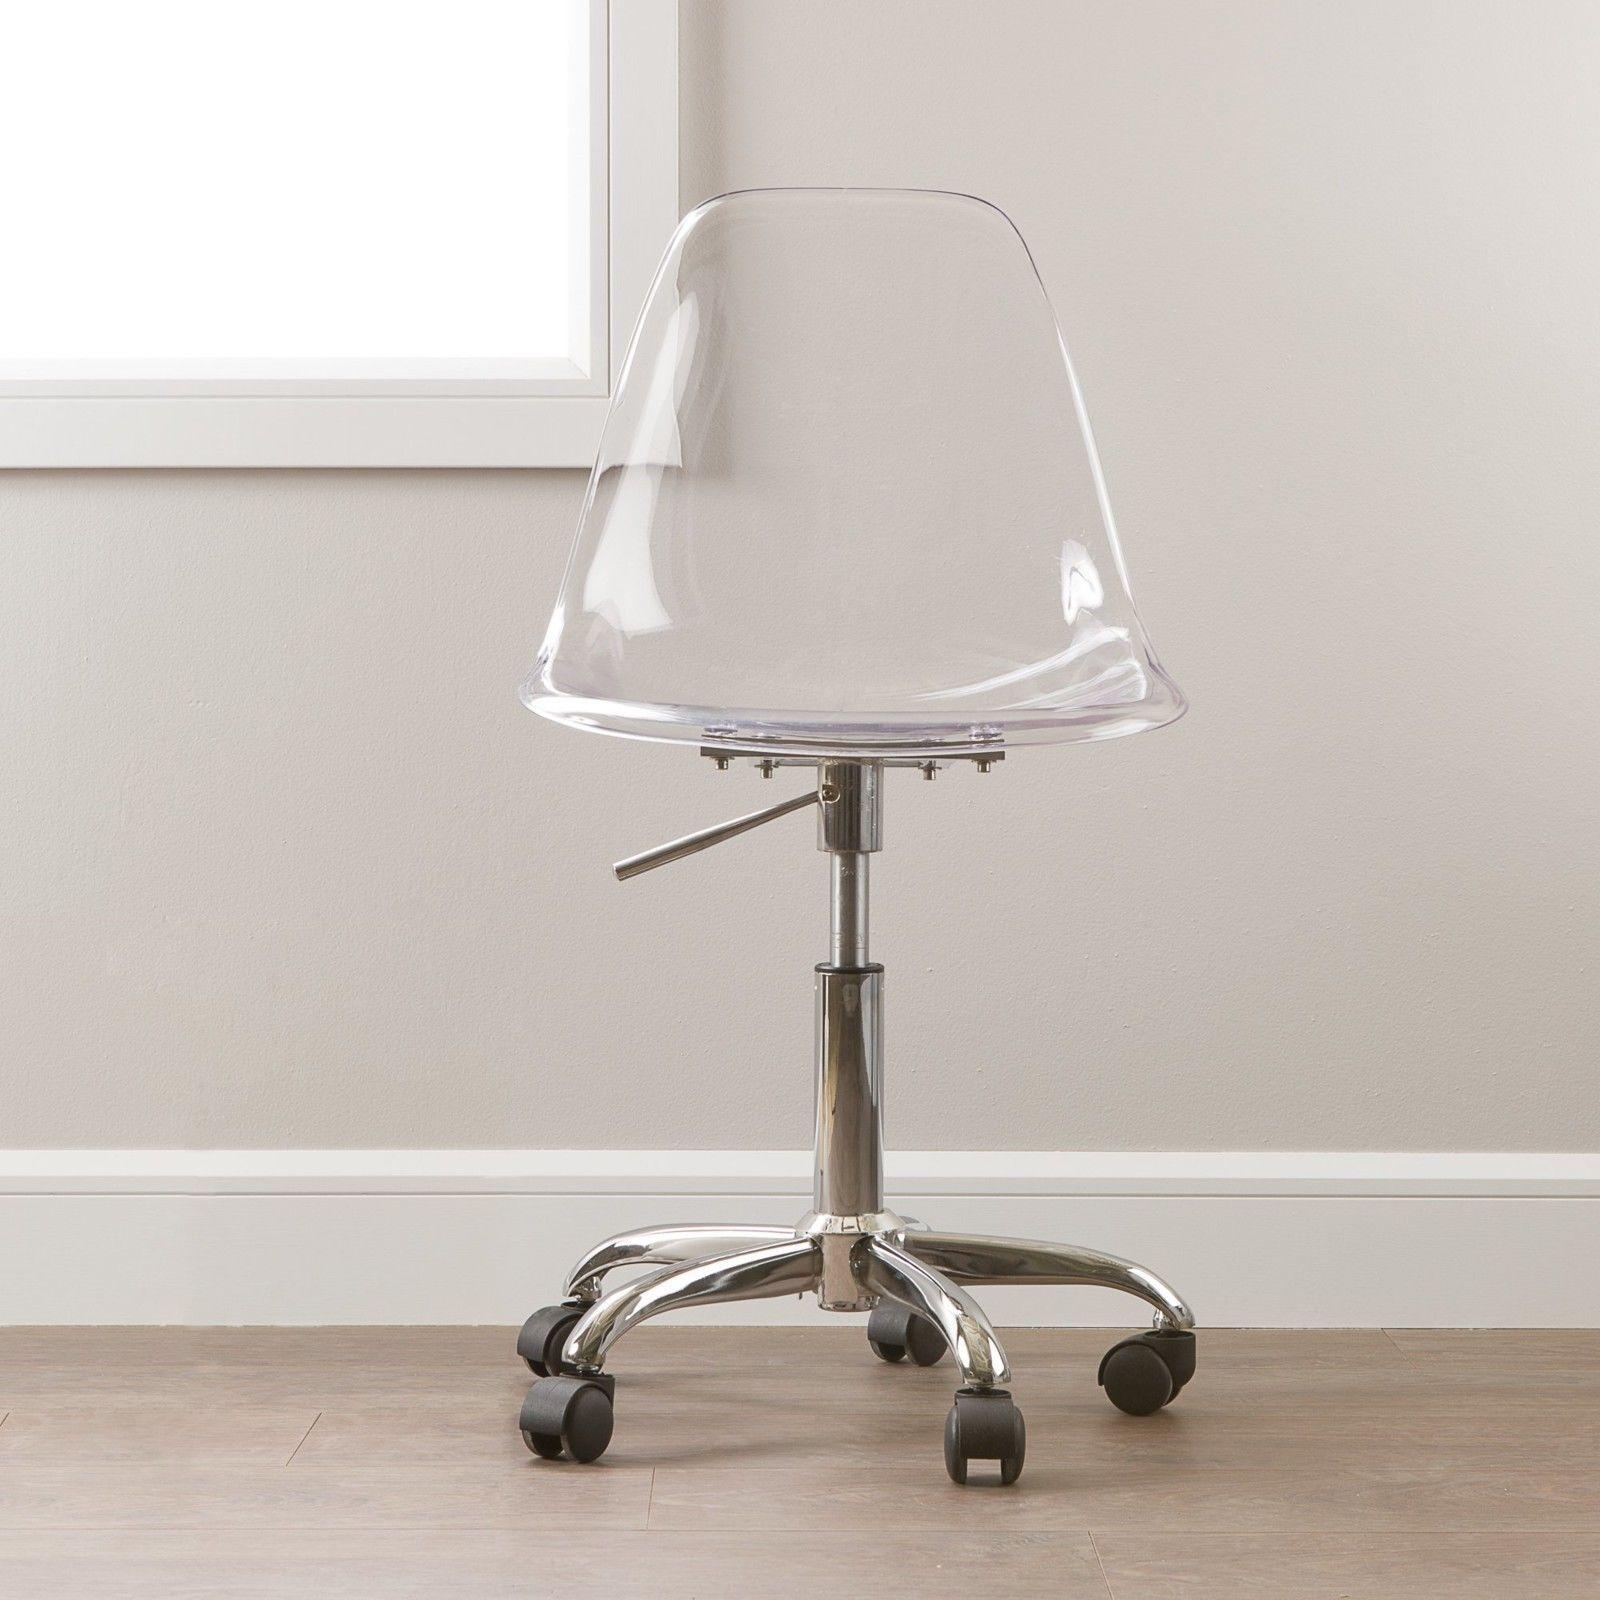 Clear fice Chair Swivel Modern Acrylic Rolling Desk Seat